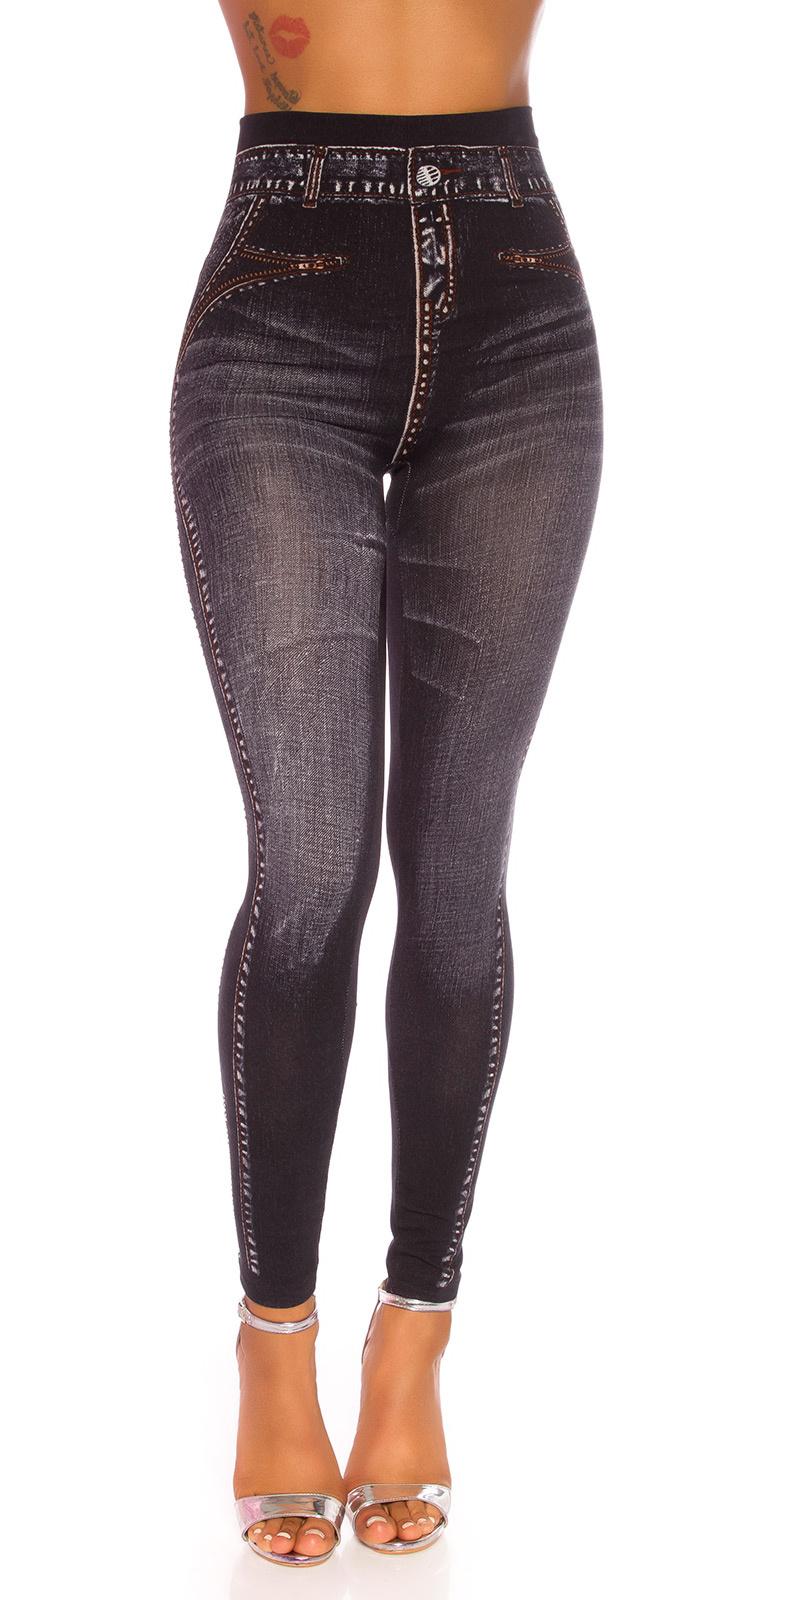 Sexy jeanslook leggings met strass steentjes zwart